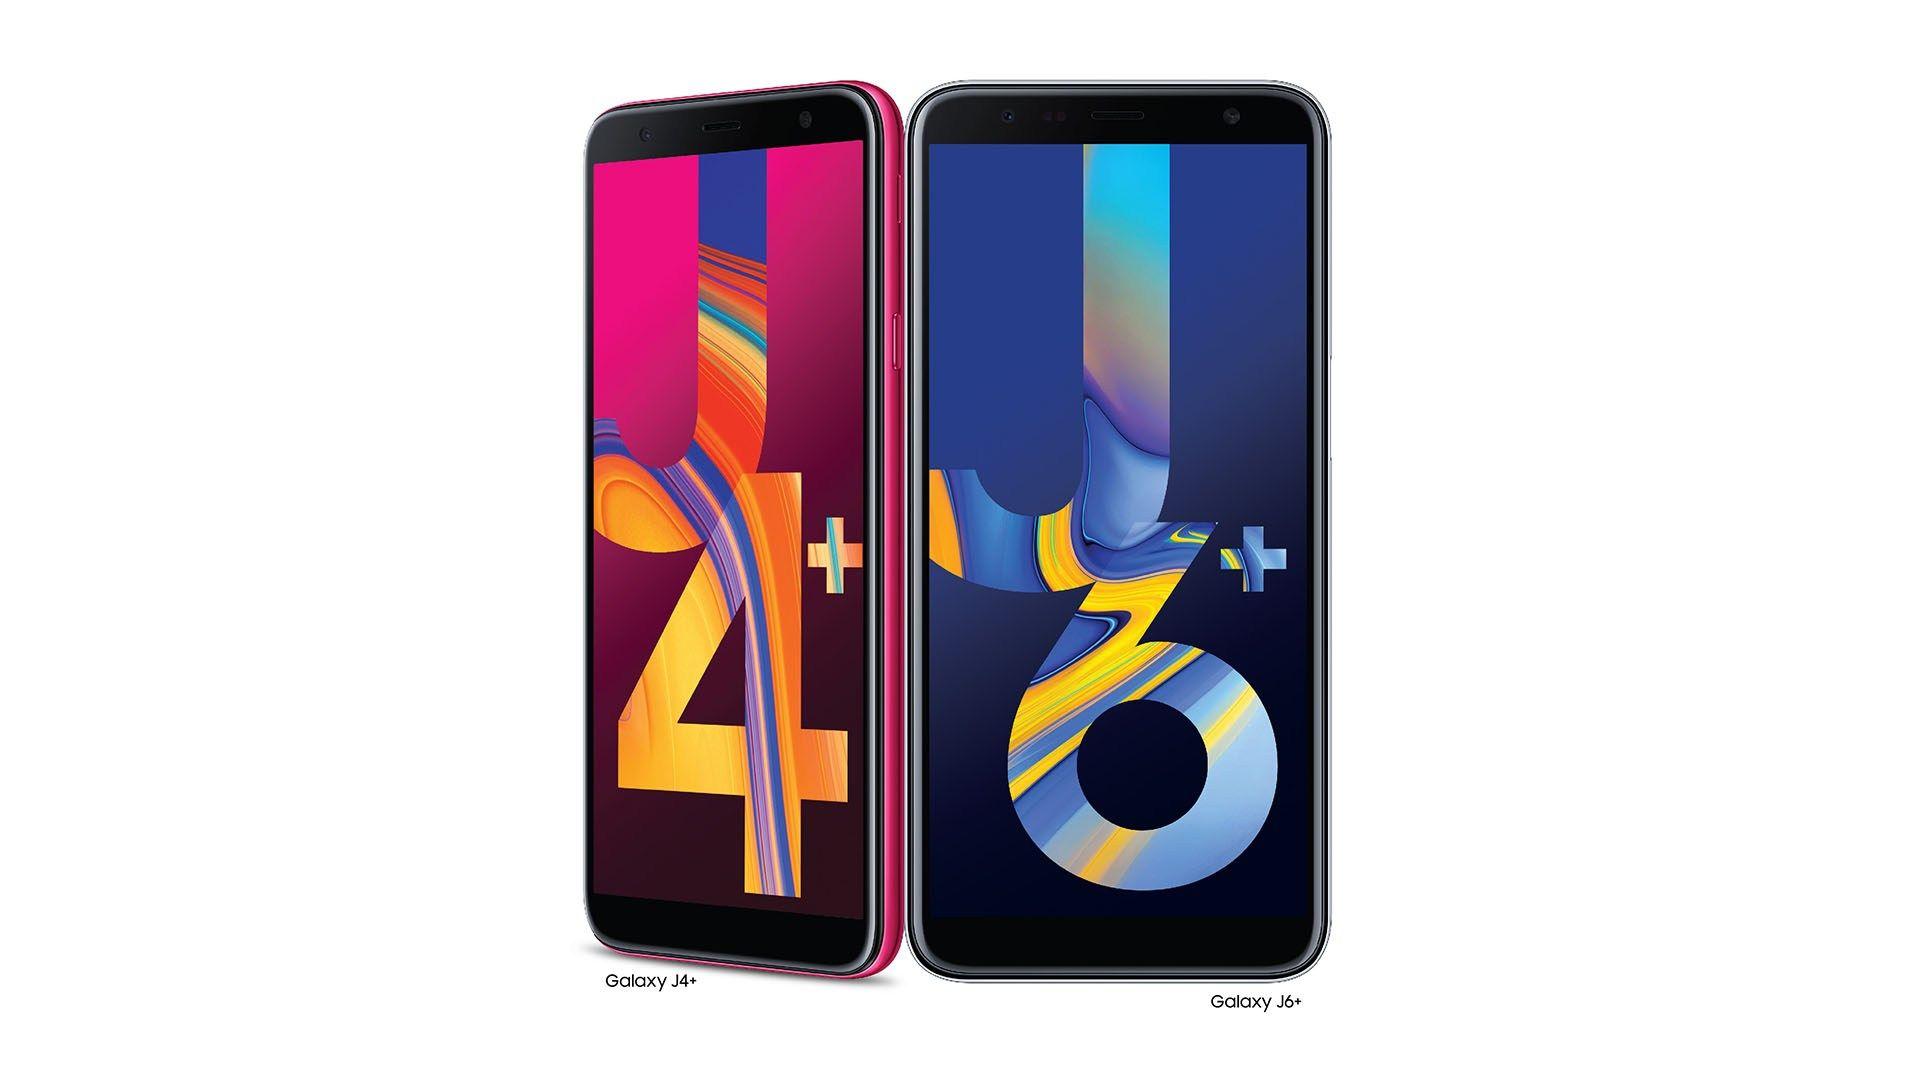 Samsung Galaxy J6+ and Samsung Galaxy J4+